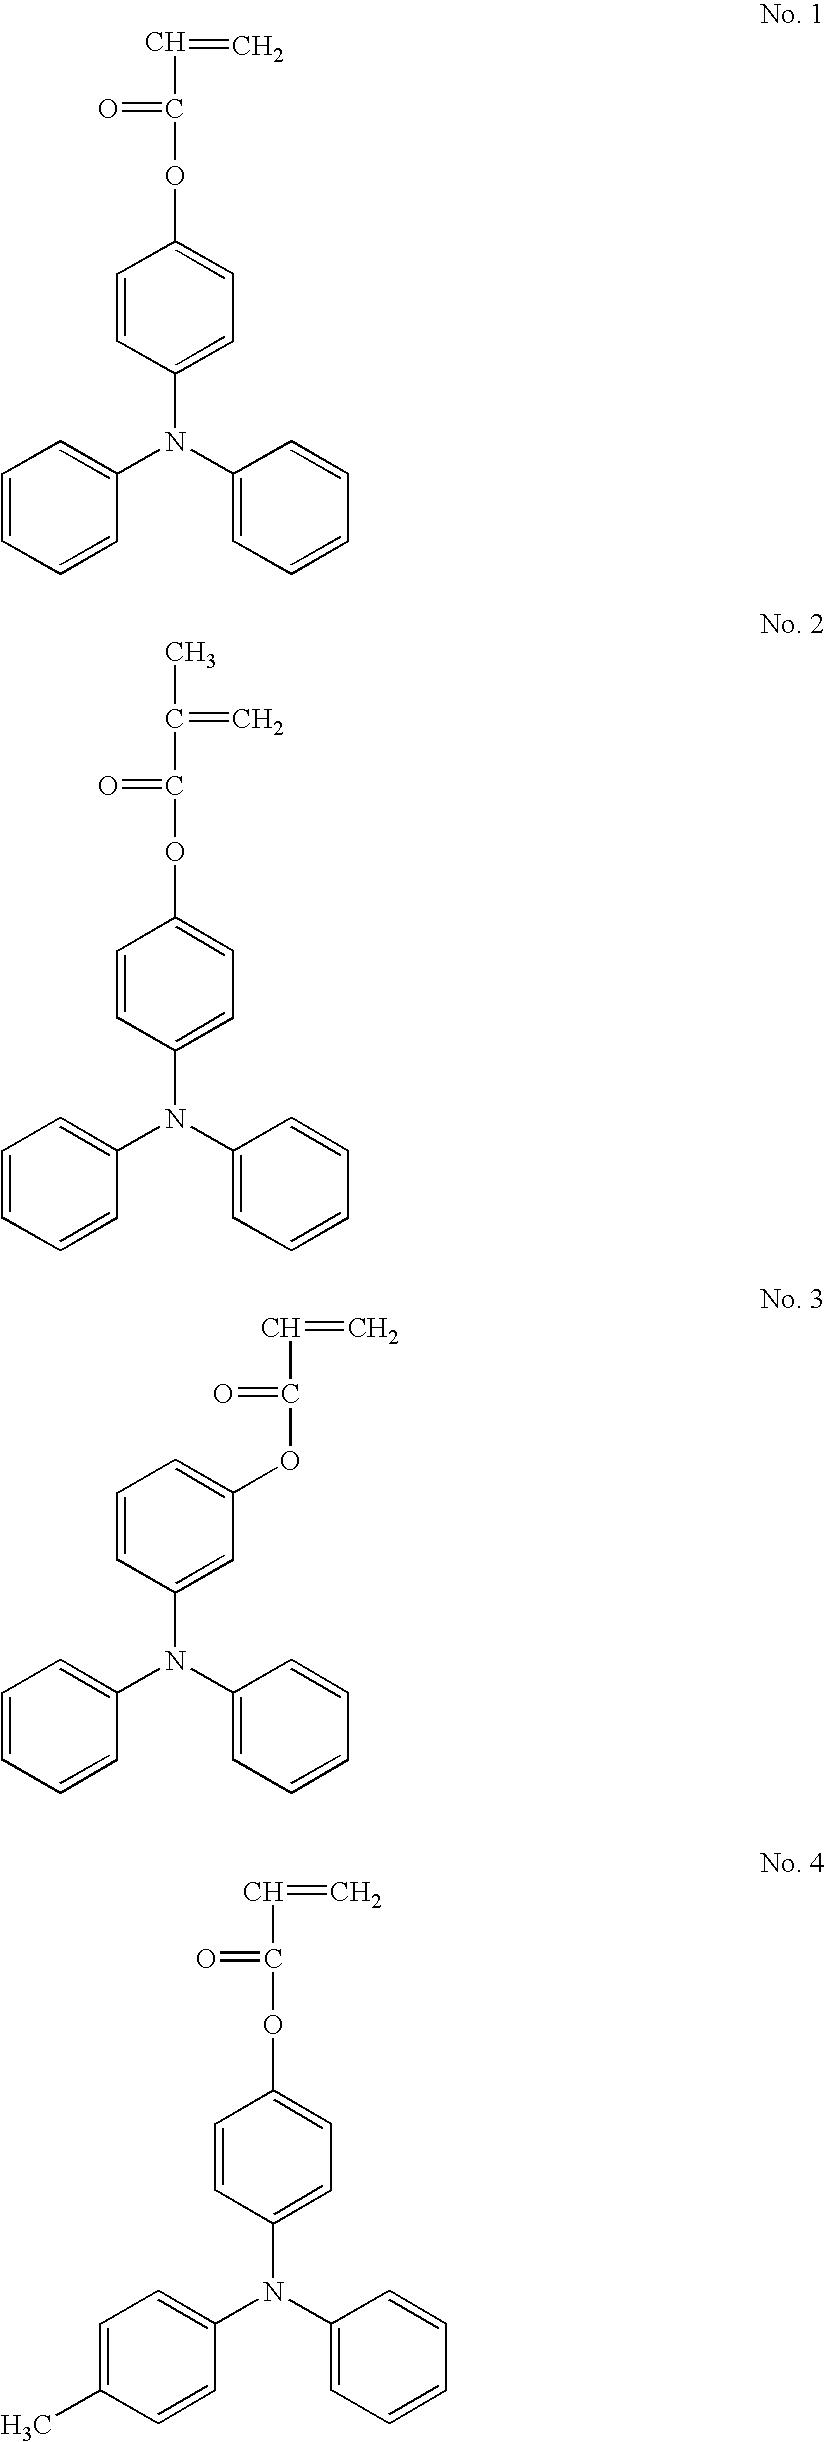 Figure US07824830-20101102-C00019